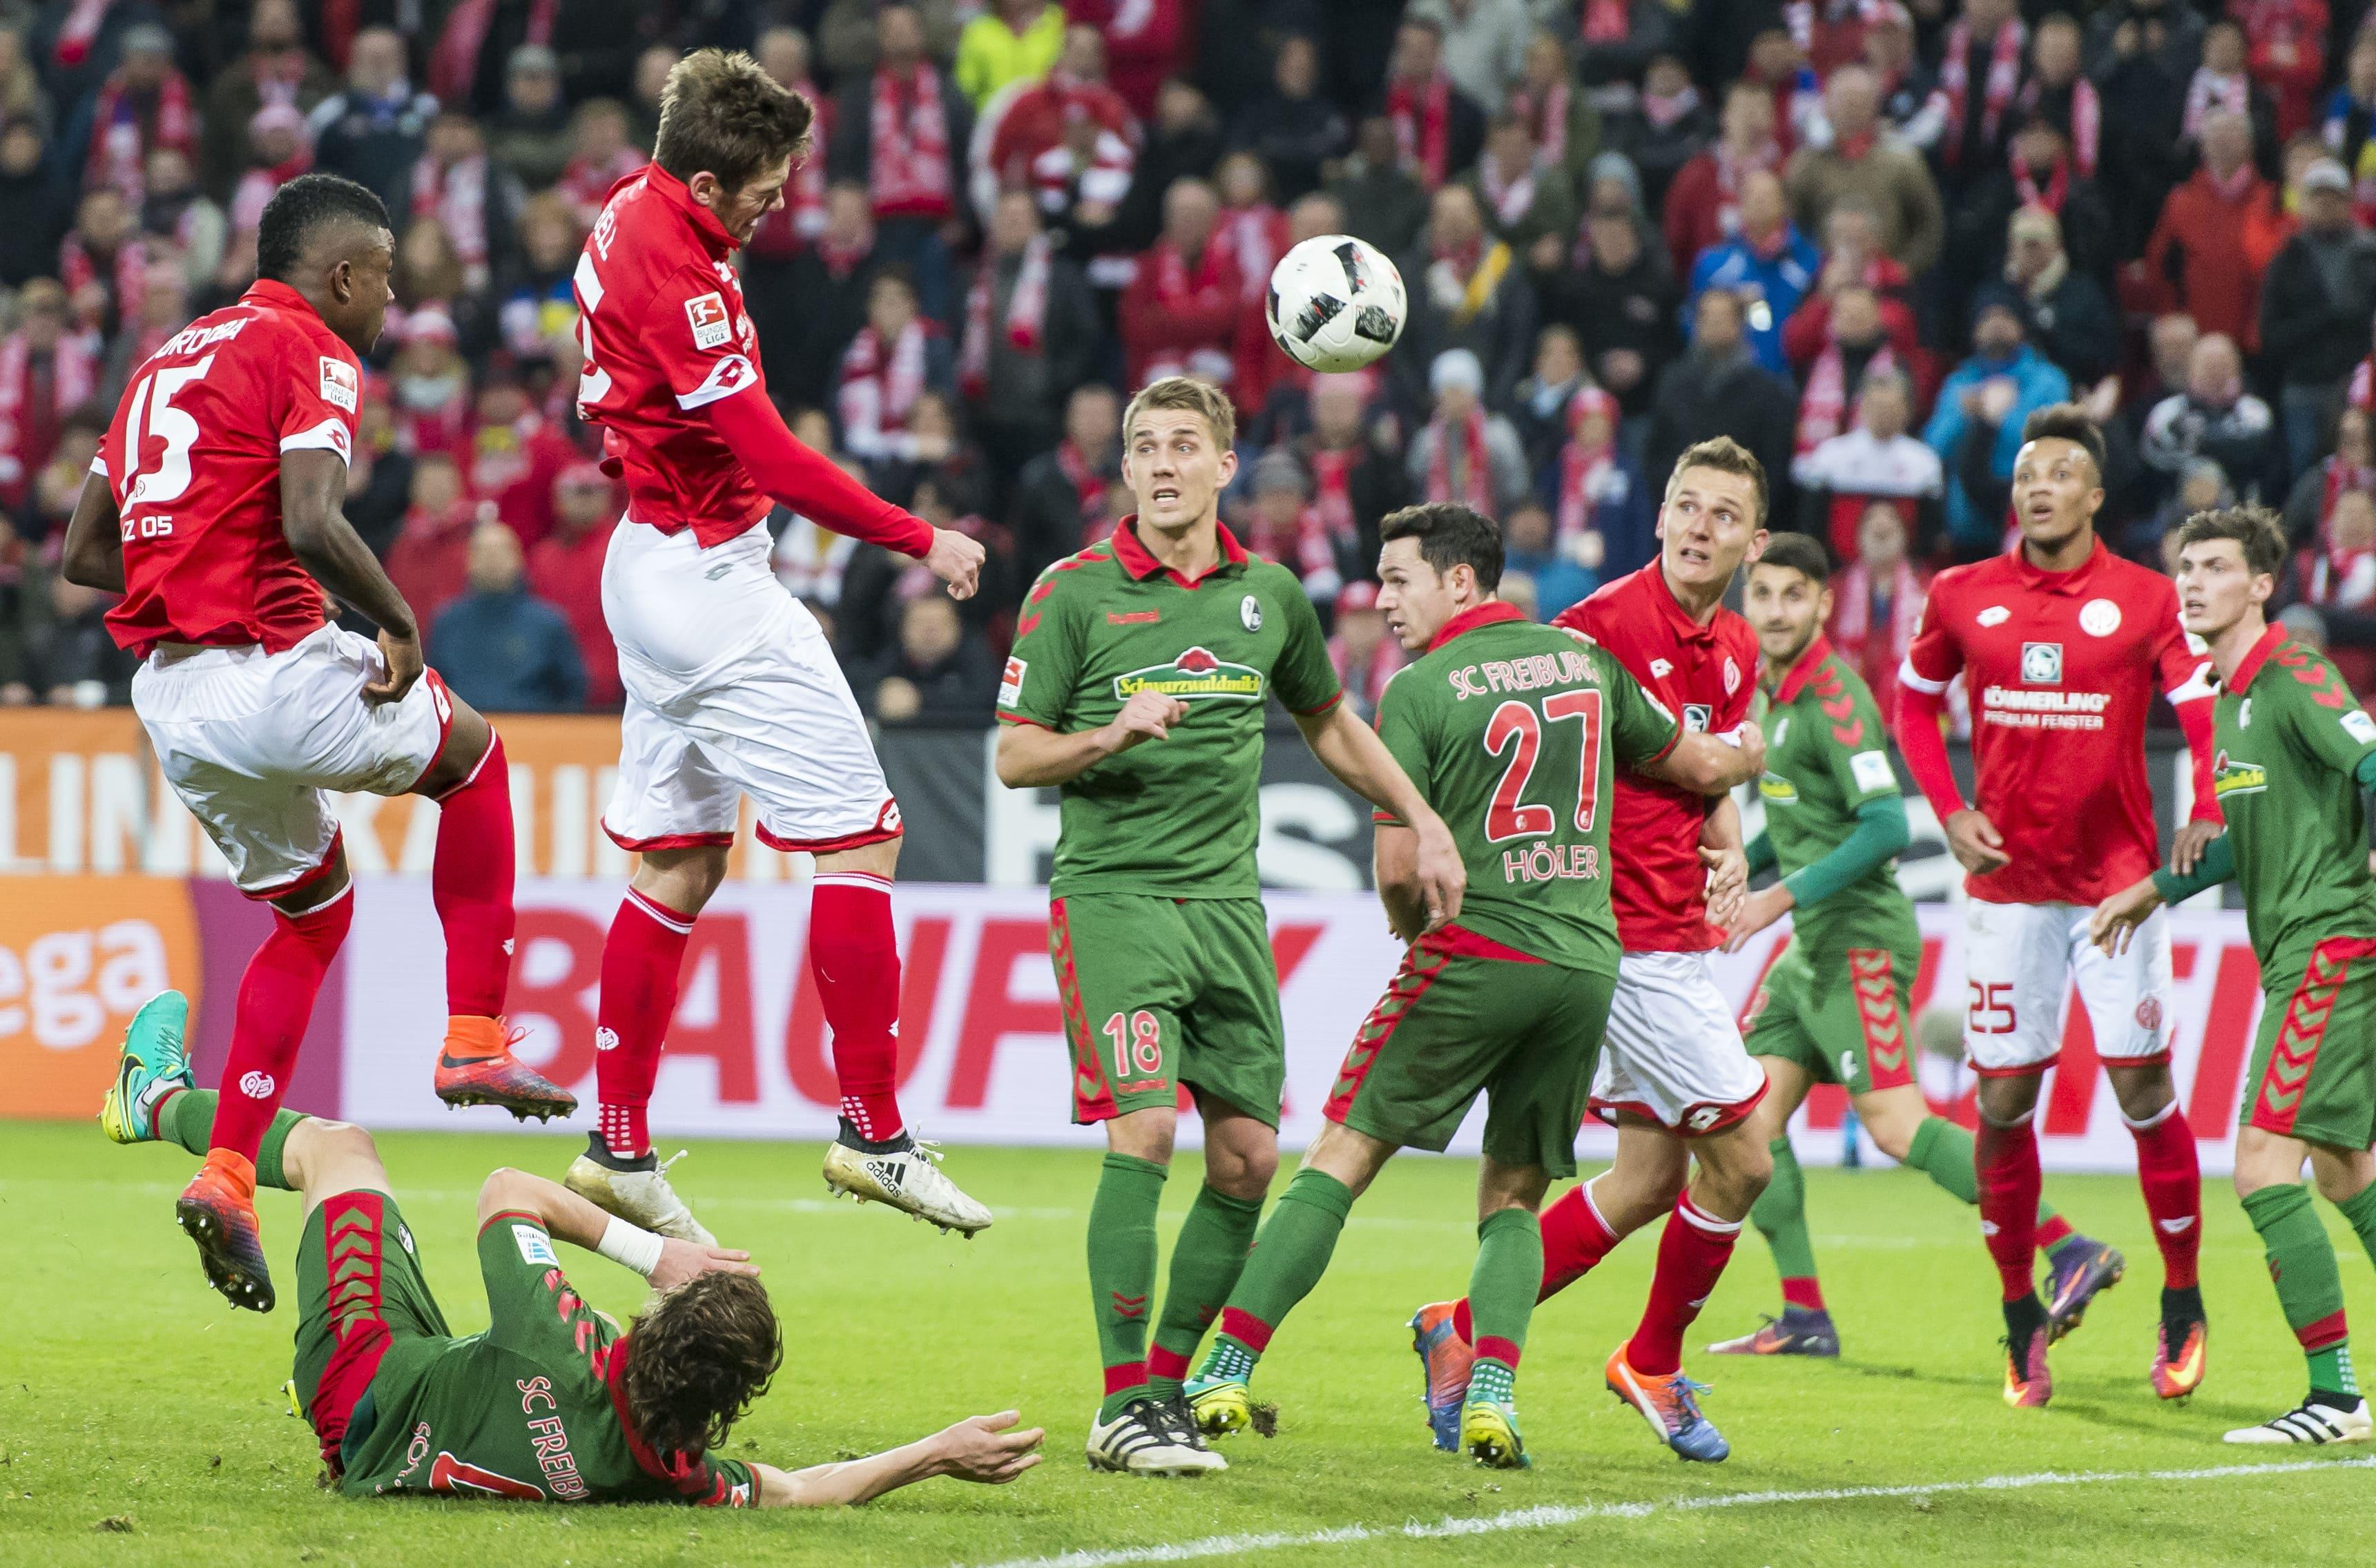 Mainz Vs Freiburg